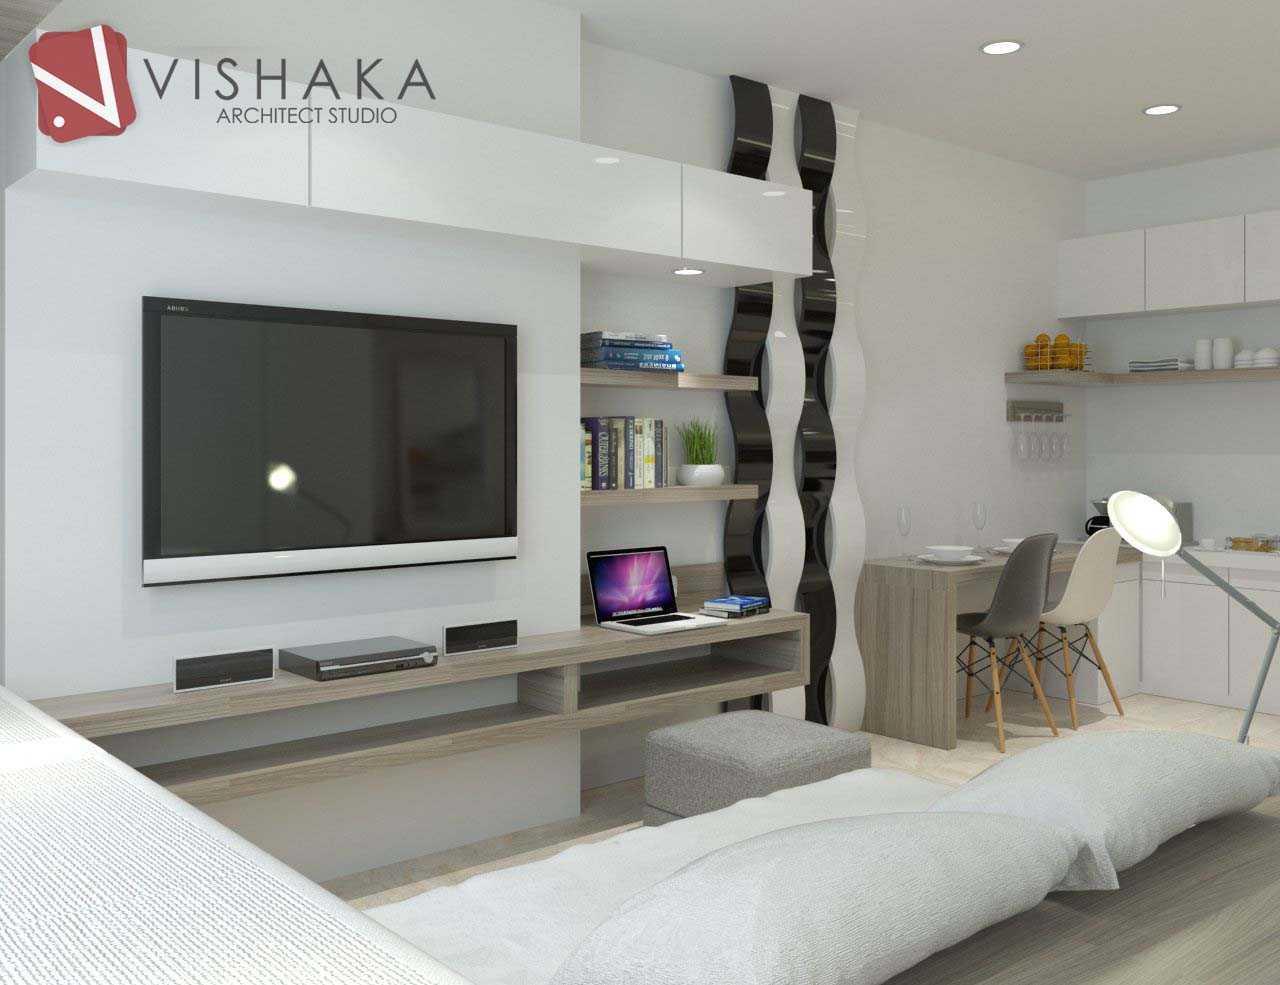 photo vishaka-architect-studio-interior-apartment- interior